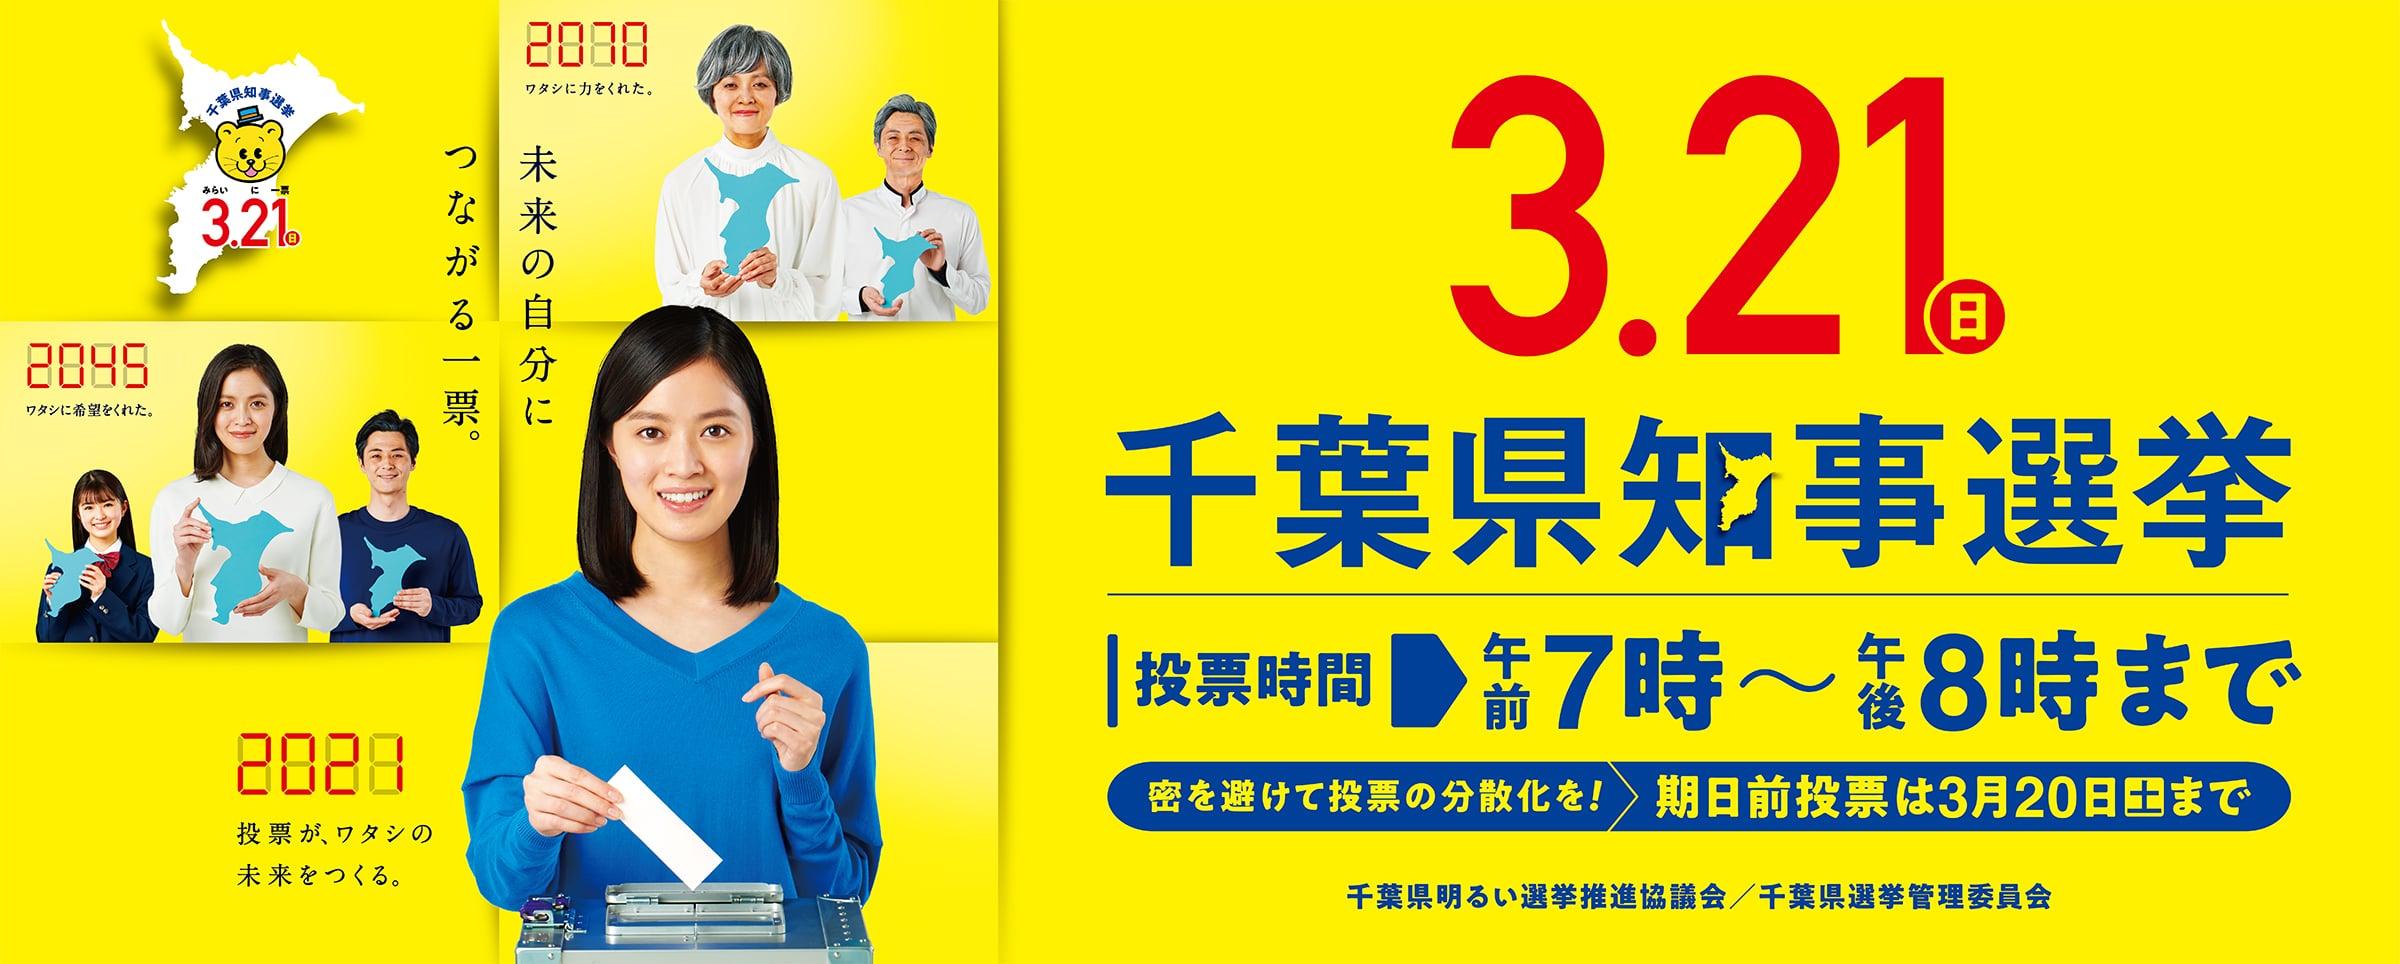 過去最多の新人8人立候補!波乱の千葉県知事選きょう告示!   日本 ...